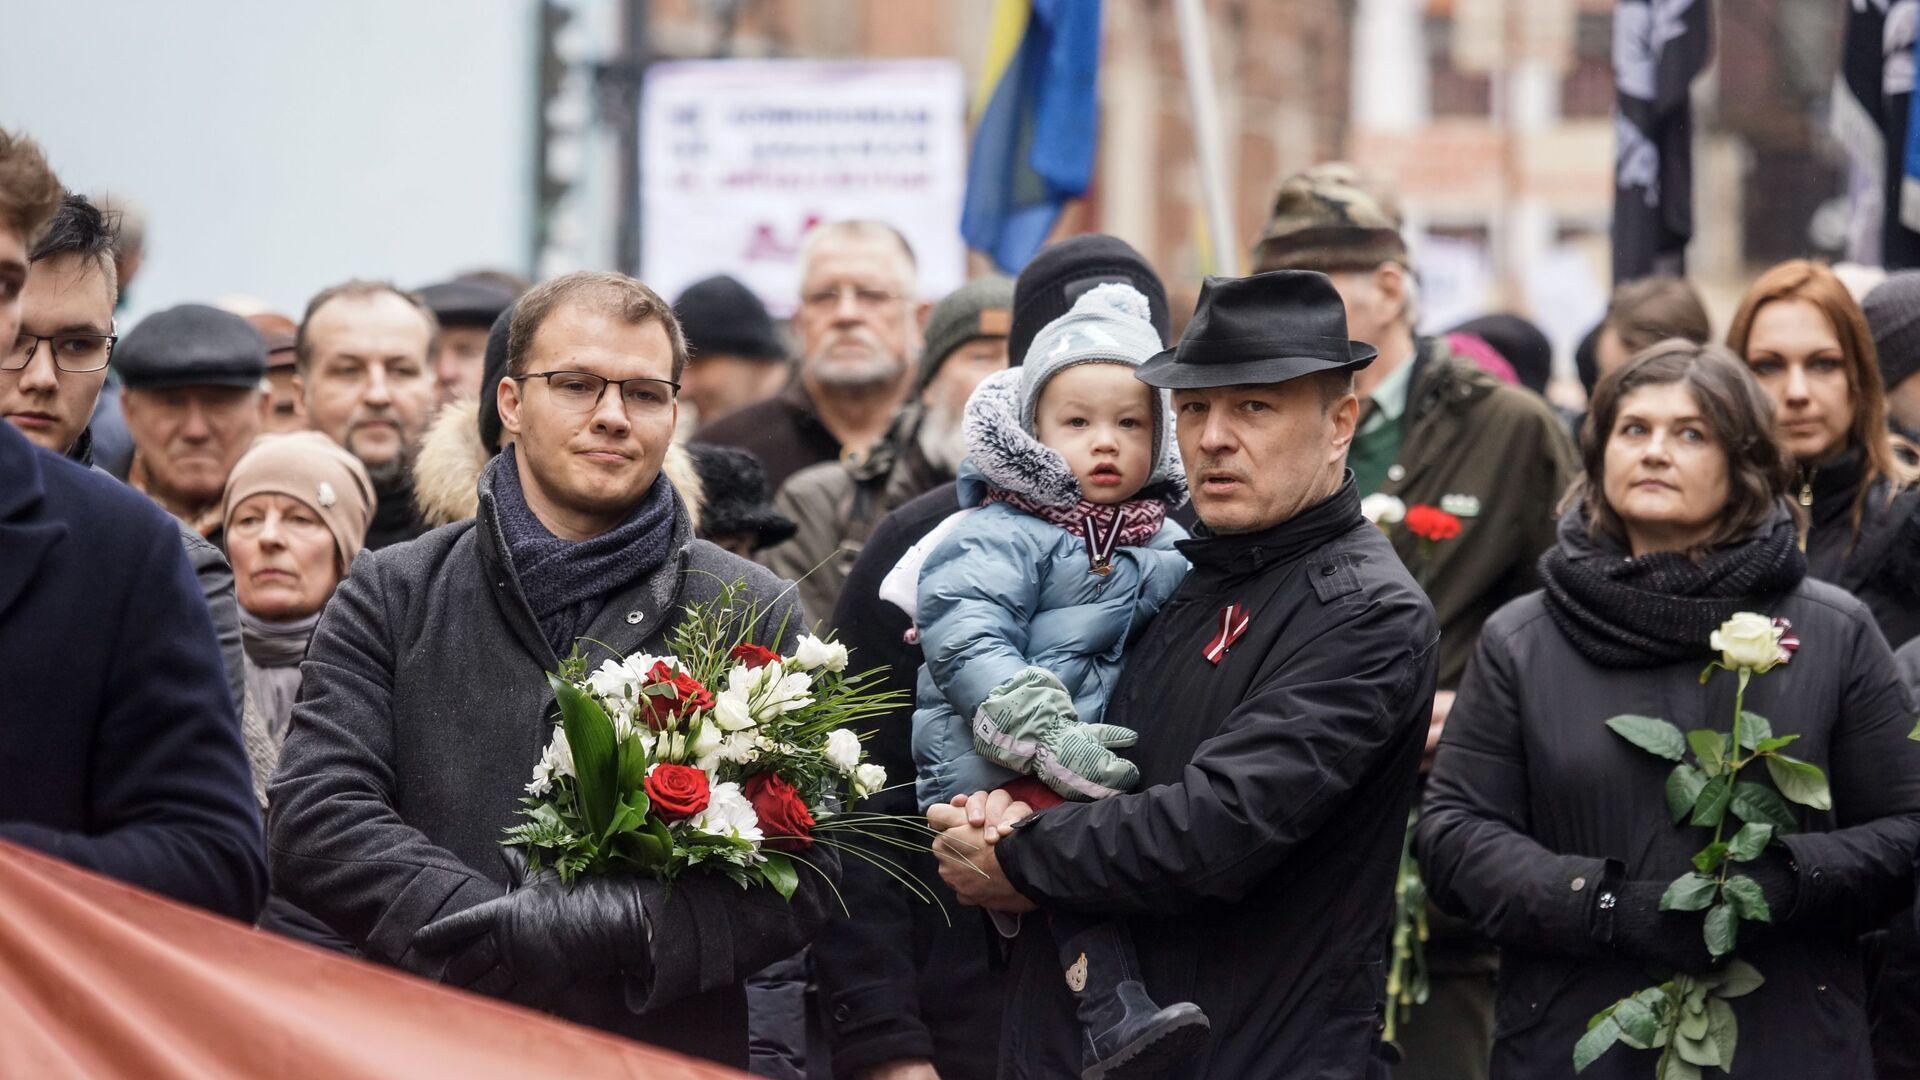 Депутат Сейма от Национального объединения Райвис Дзинтарс на шествии легионеров в Риге 16 марта 2019 - Sputnik Латвия, 1920, 08.06.2021